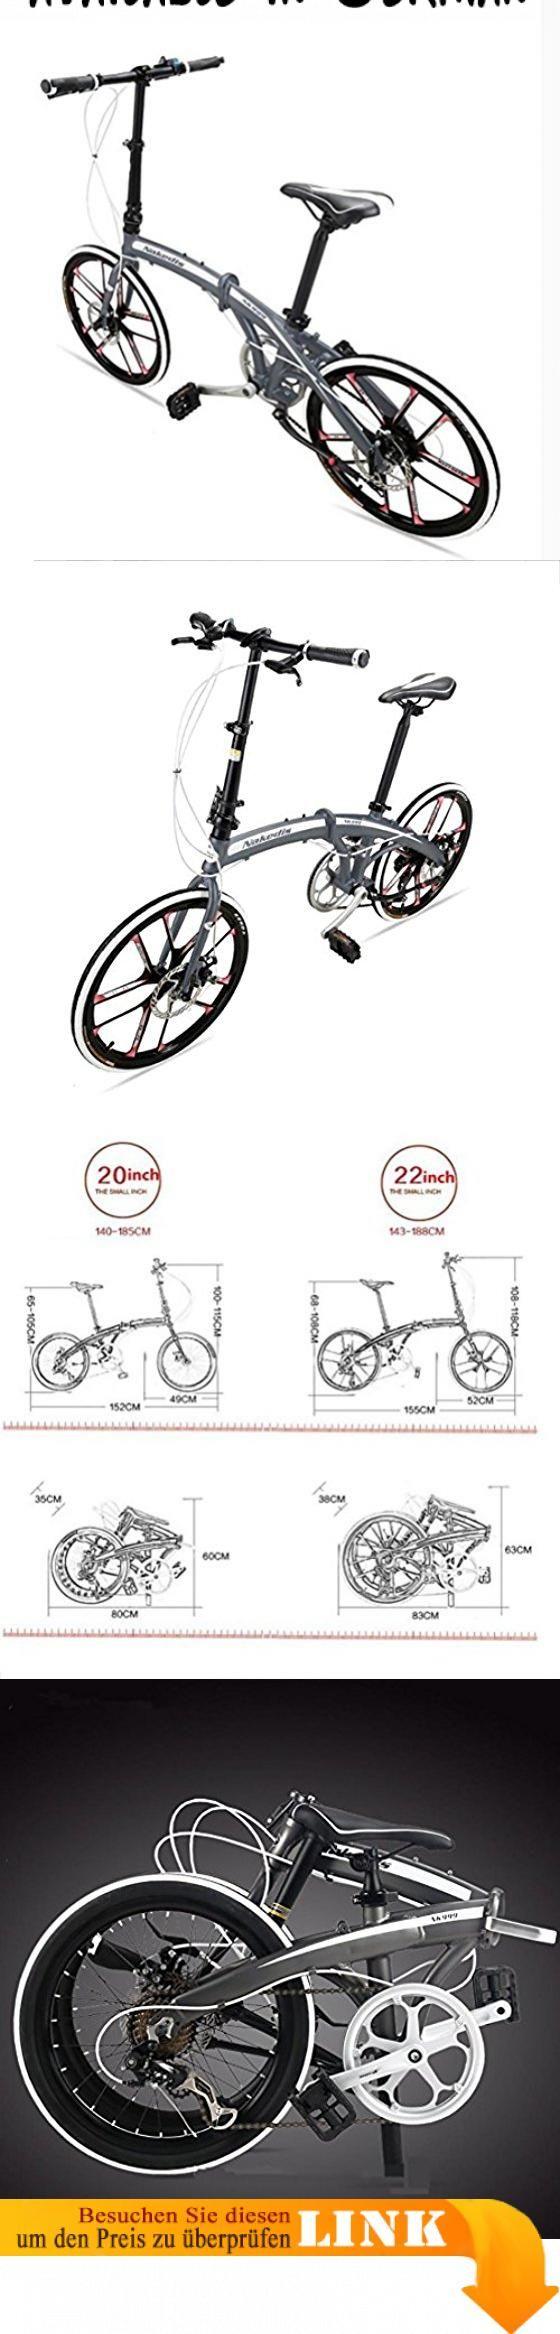 die besten 25 kinderfahrrad 22 zoll ideen auf pinterest popal fahrrad rennrad rahmen und. Black Bedroom Furniture Sets. Home Design Ideas